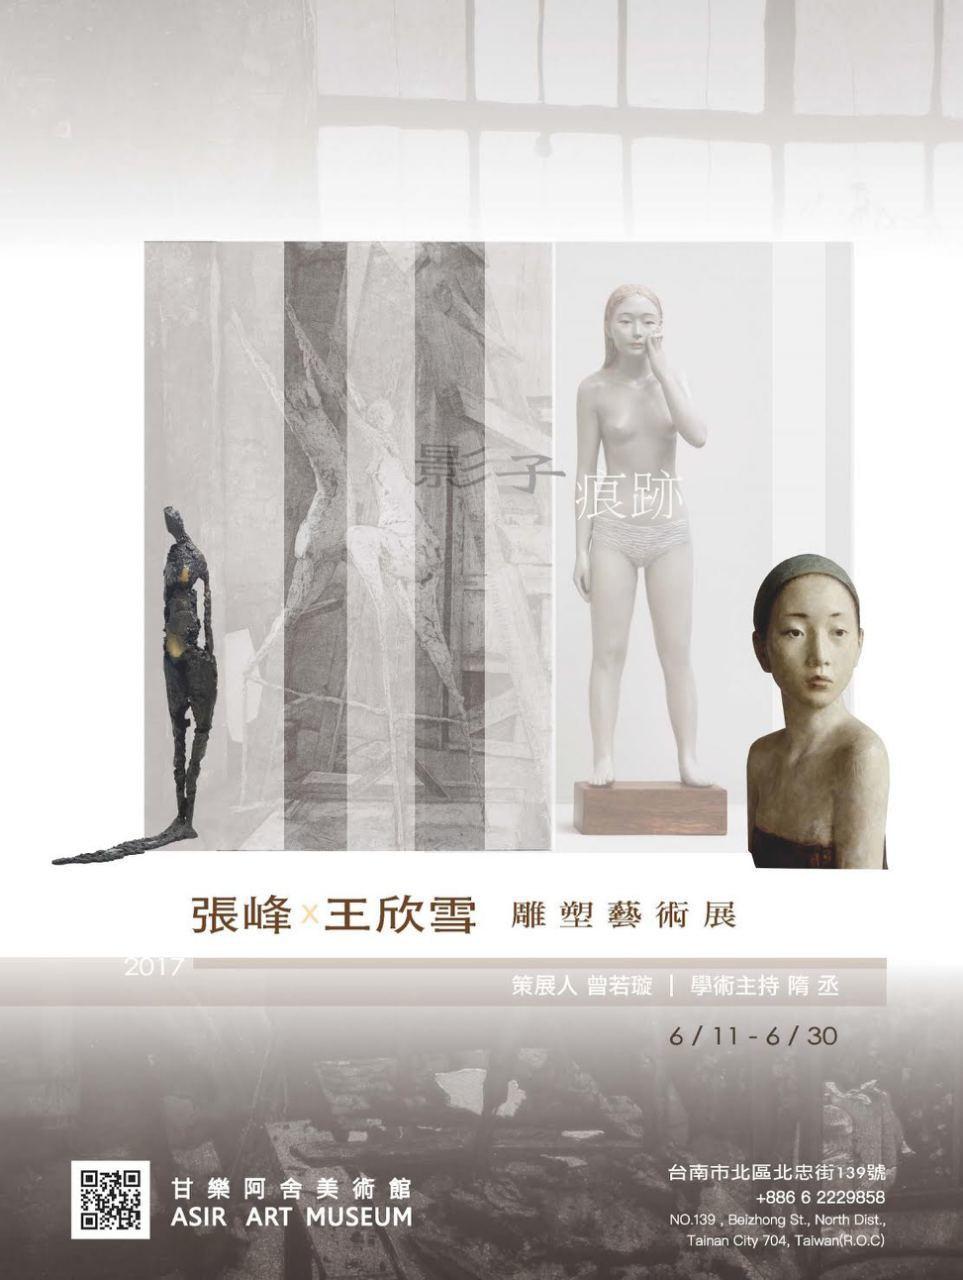 瀋陽雕塑家張峰與其妻王欣雪,即日起到6月30日在北區甘樂阿舍美術館展出30餘件作...